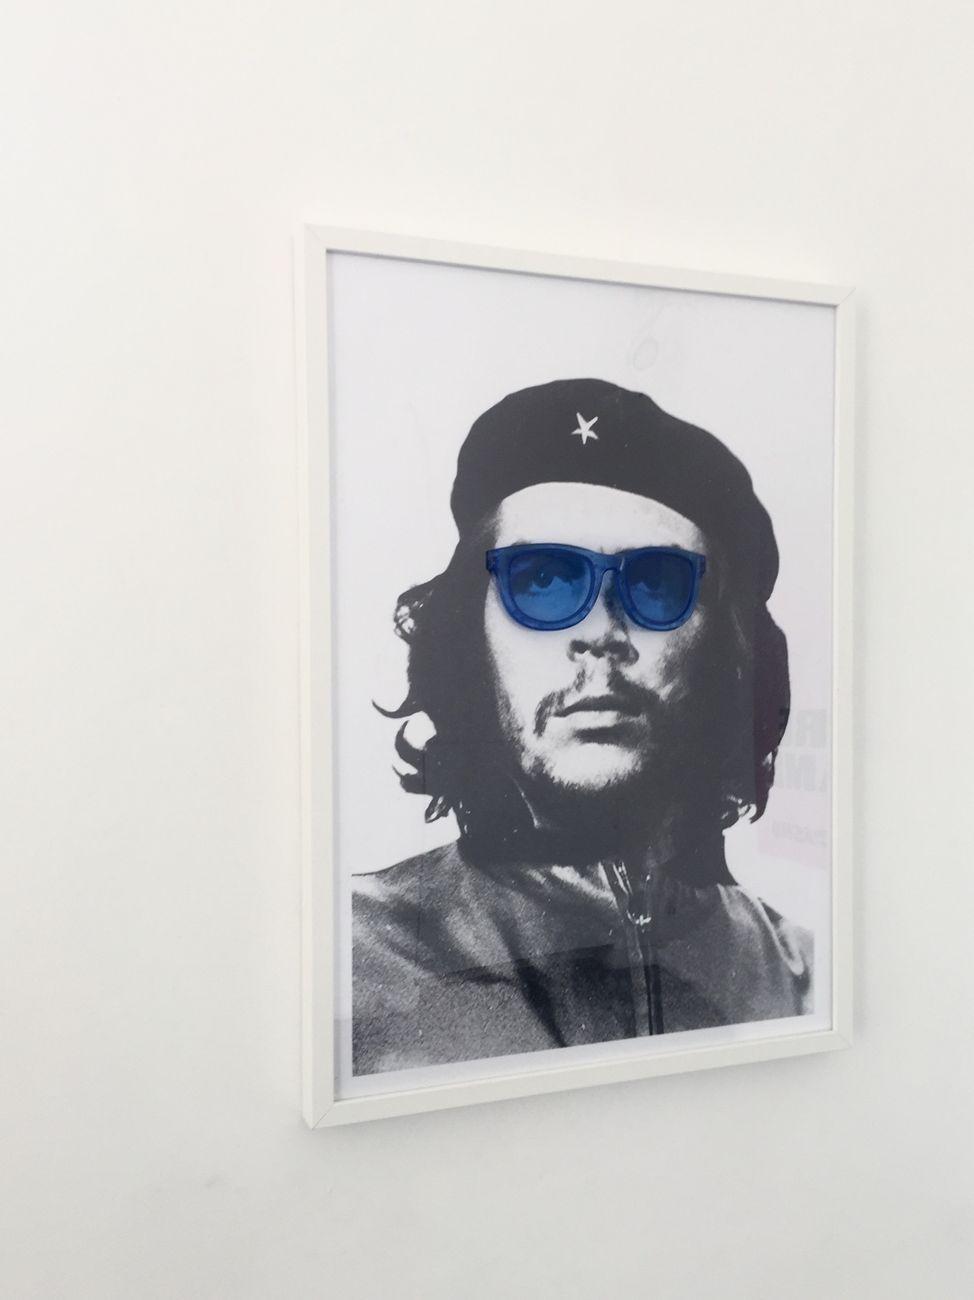 Andrea Villa. Salotto Borghese _ Italia agli immigrati. Exhibition view at Riccardo Costantini Contemporary, Torino 2019